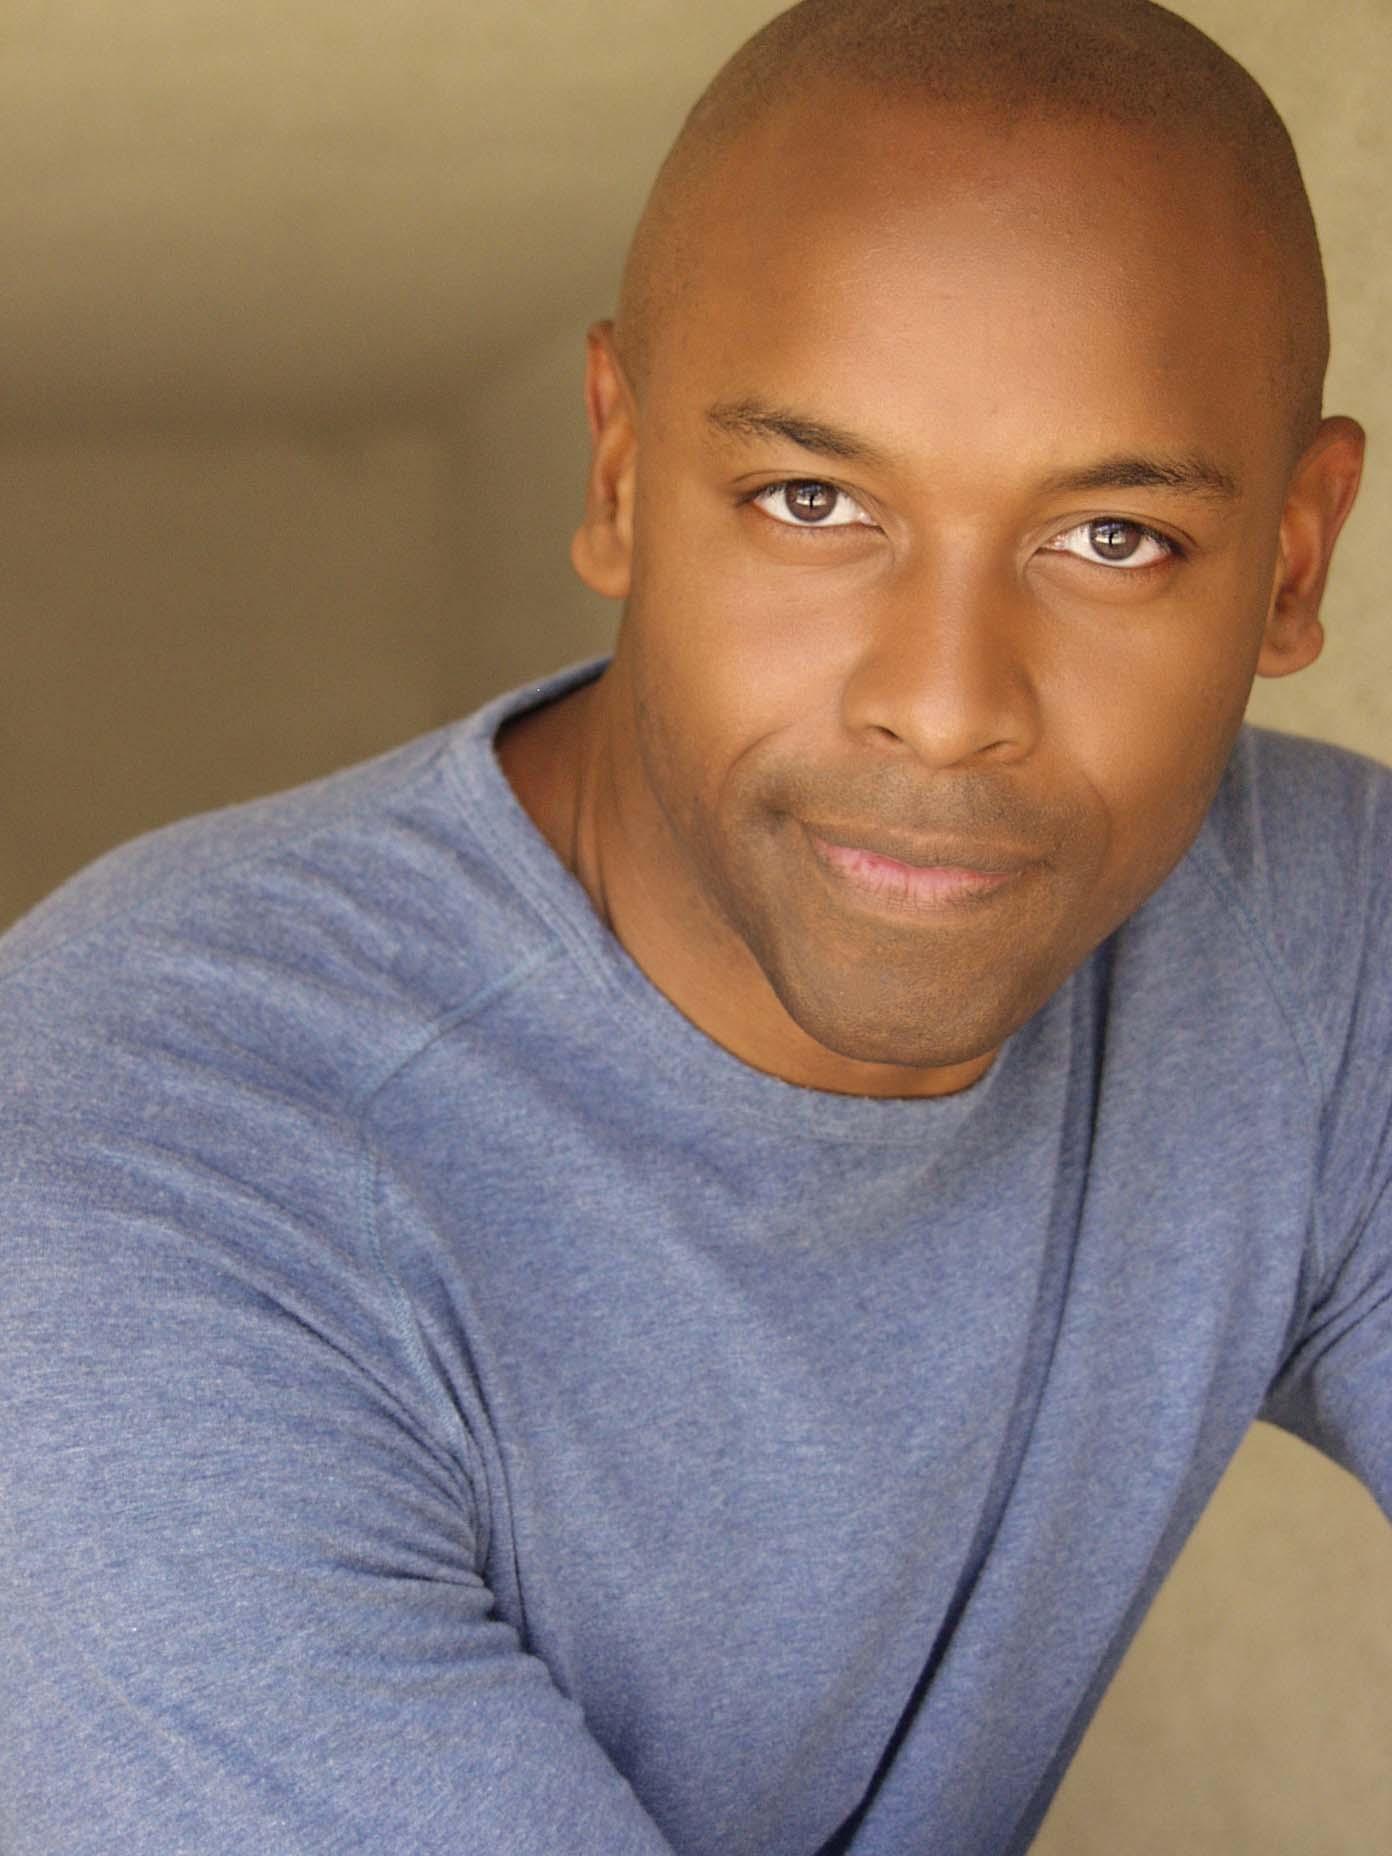 Male Headshot Portrait by Brett Photography African American Model